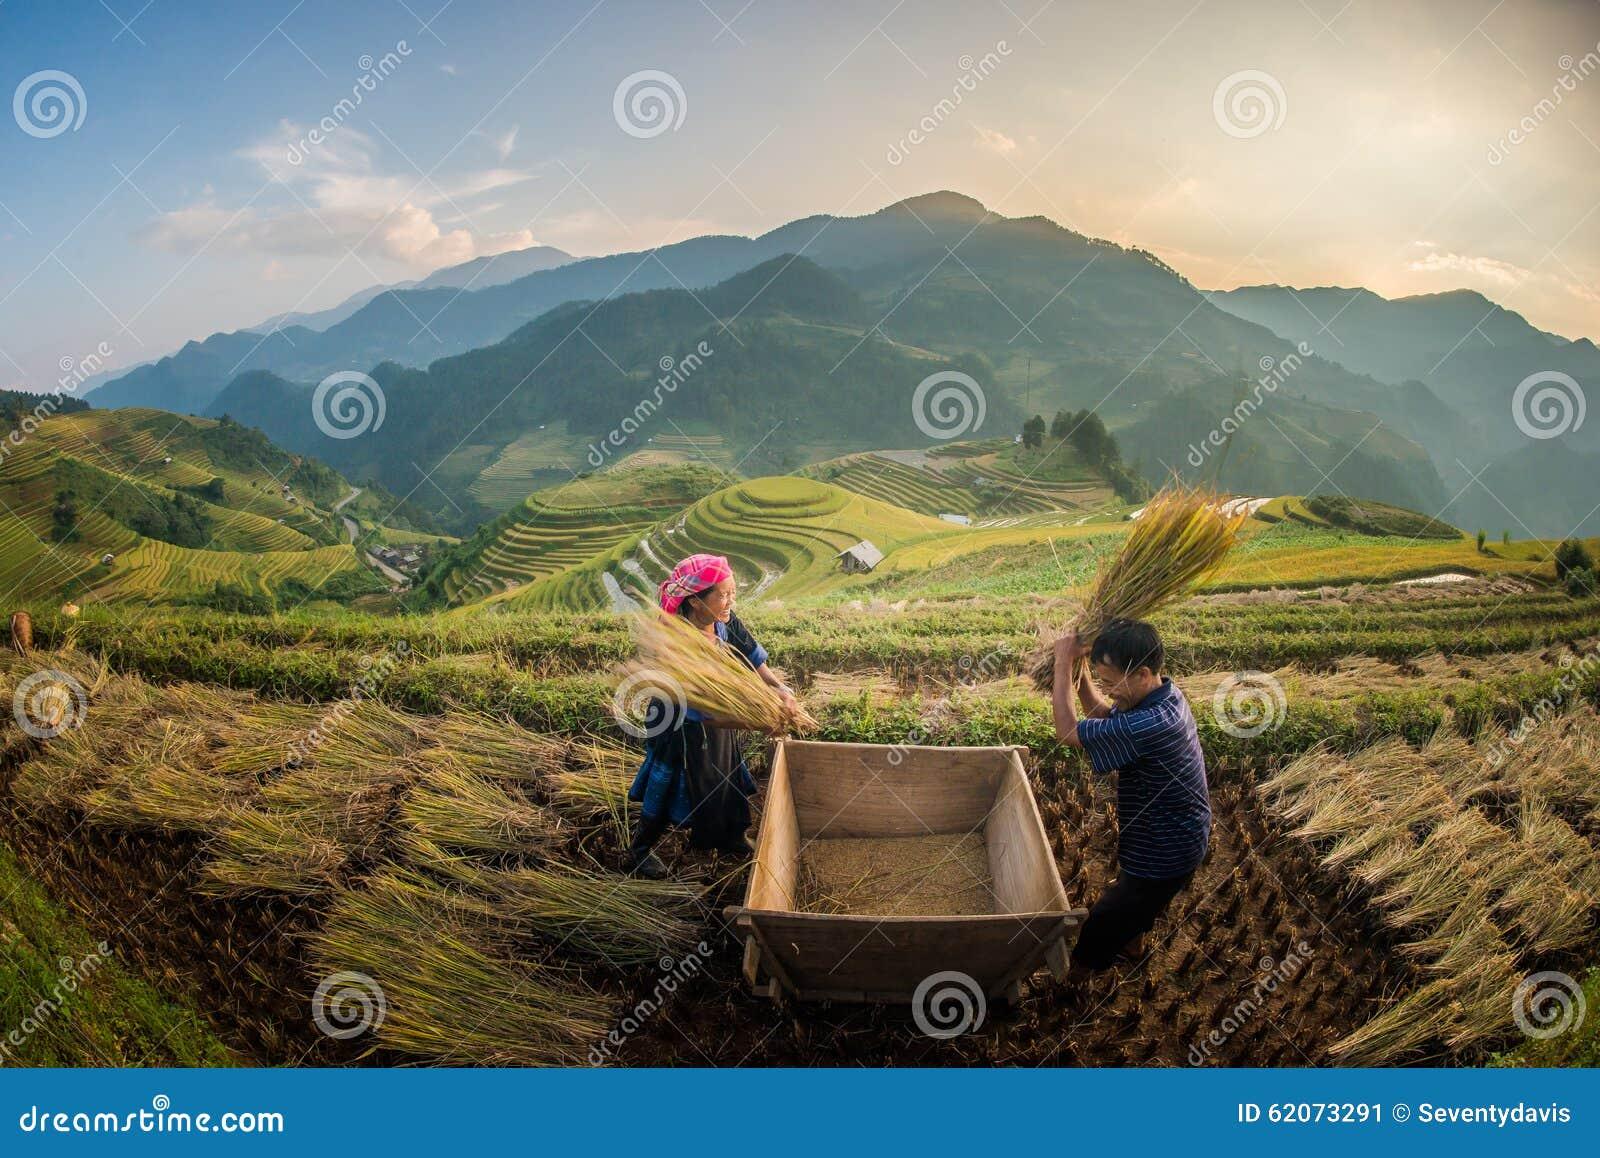 Αγρότες που συγκομίζουν το ρύζι στο διάσημο πεζούλι στο Βιετνάμ